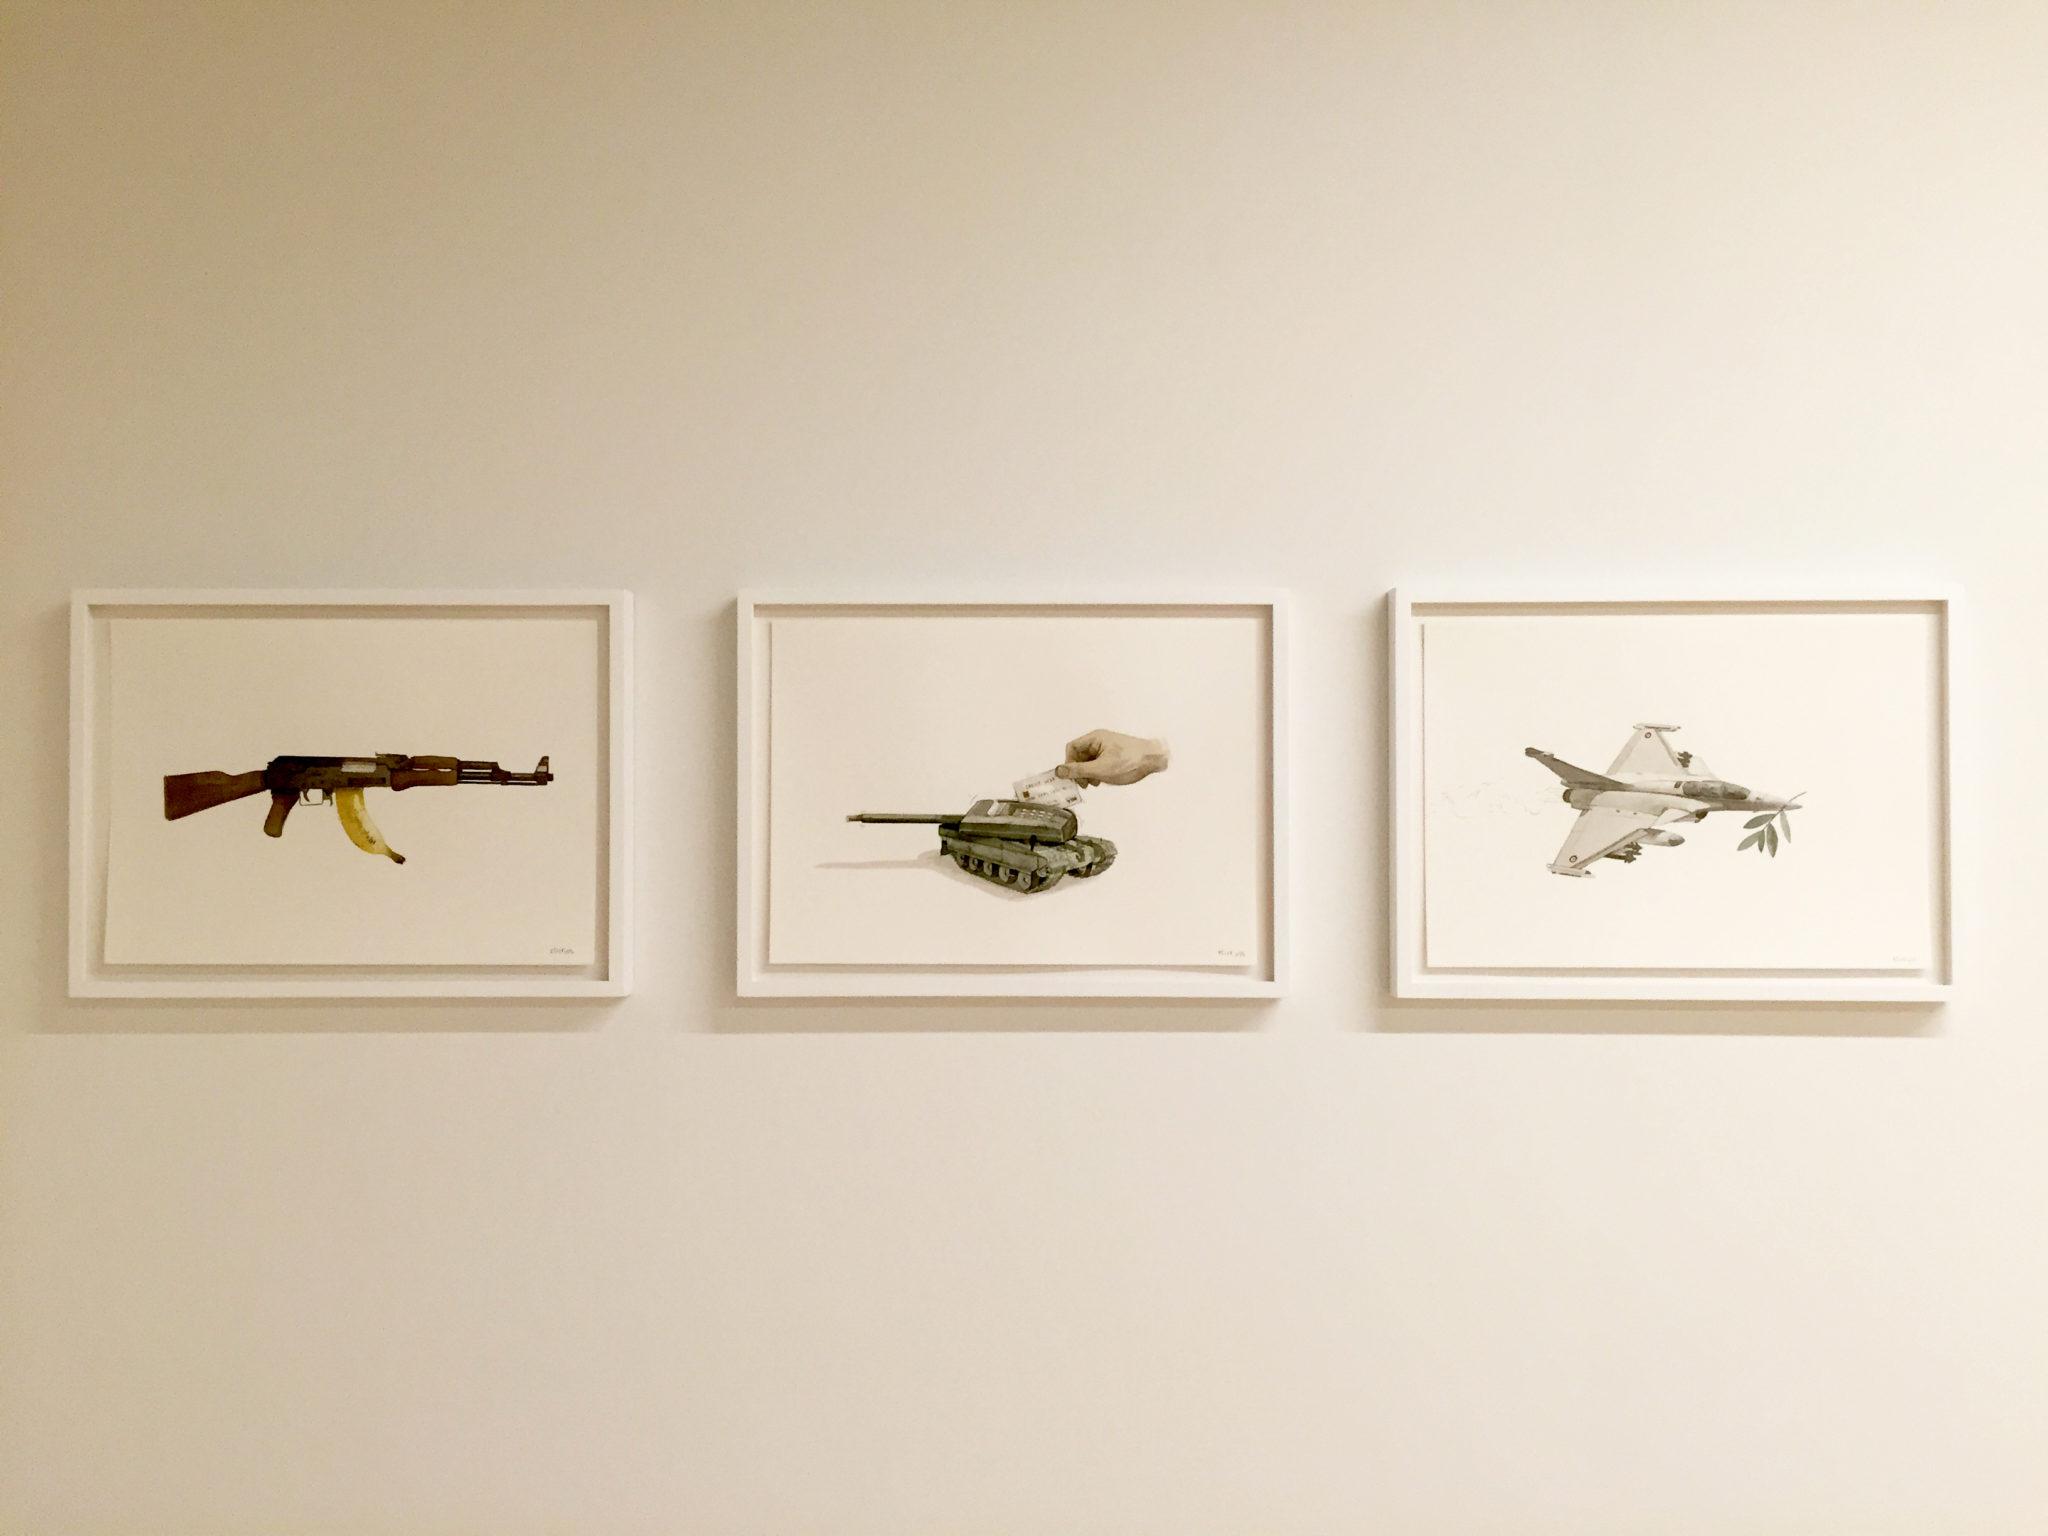 Mima_millenium_iconoclast_museum_art_guerre